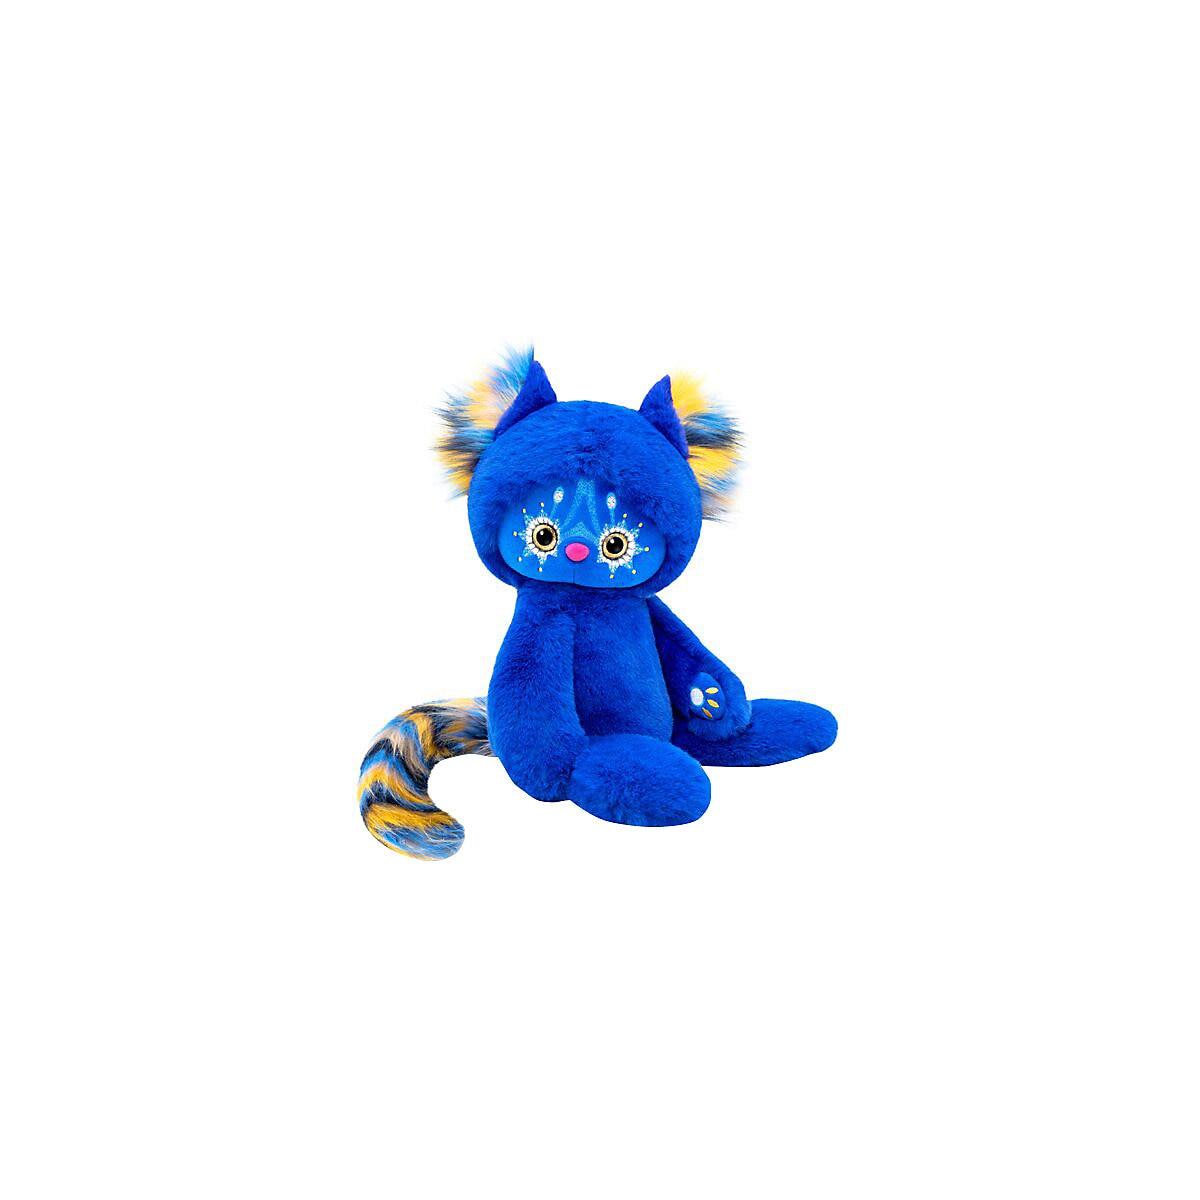 Stuffed & Plush Animais 11371165 brinquedo para meninos e meninas brinquedos macios para o bebê